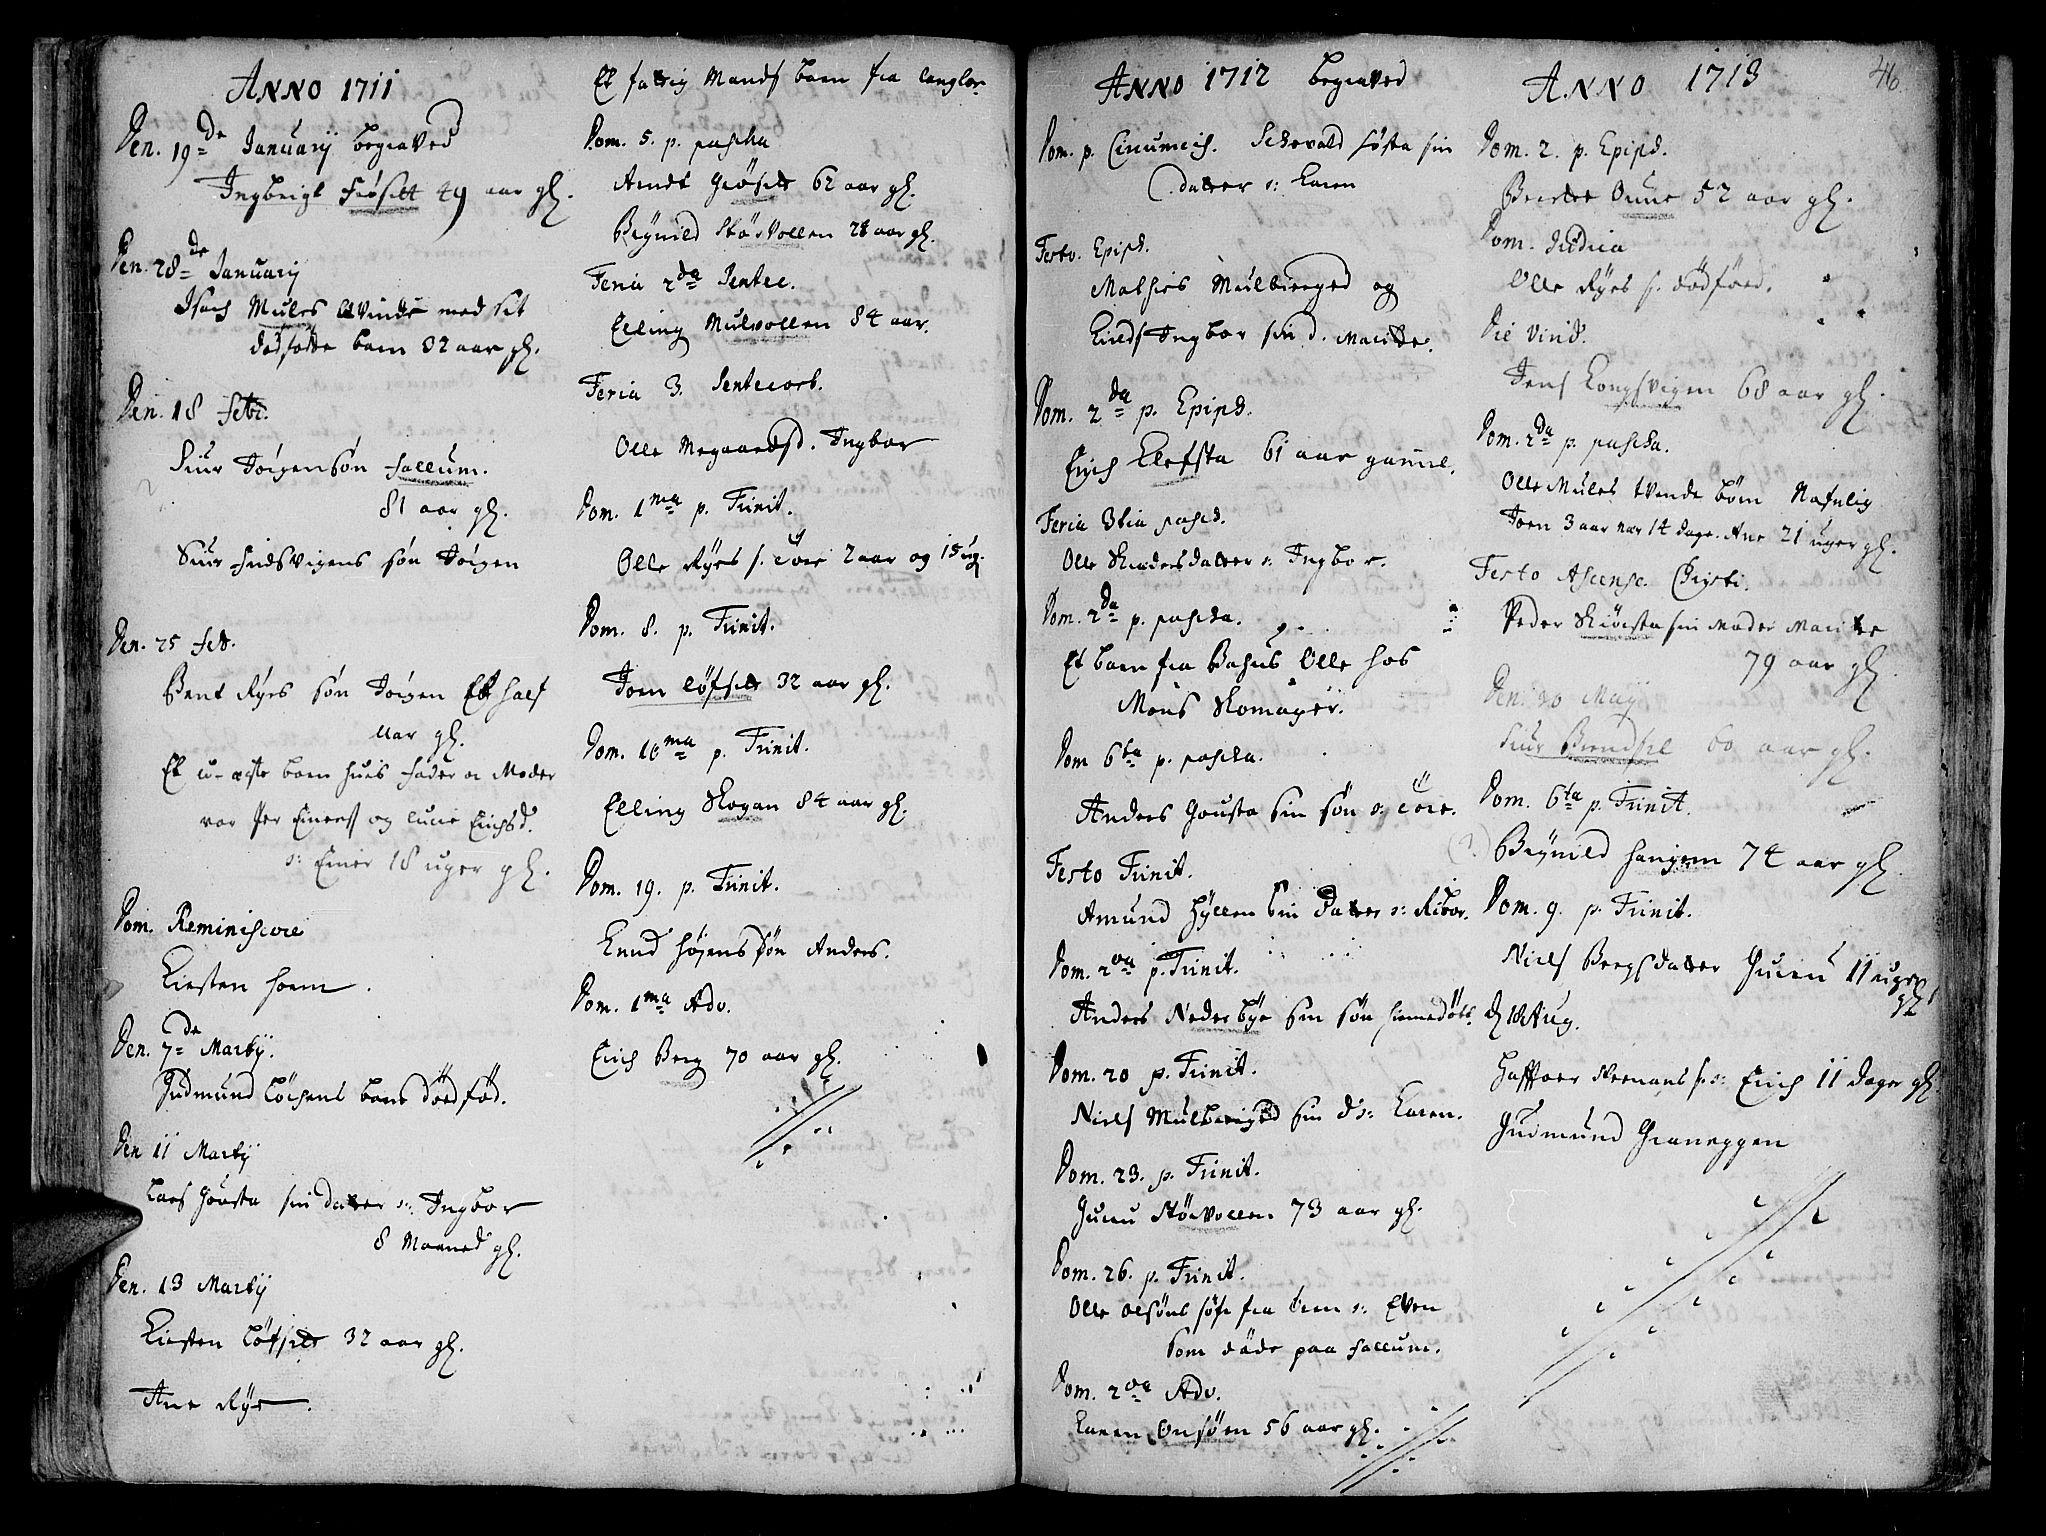 SAT, Ministerialprotokoller, klokkerbøker og fødselsregistre - Sør-Trøndelag, 612/L0368: Ministerialbok nr. 612A02, 1702-1753, s. 46